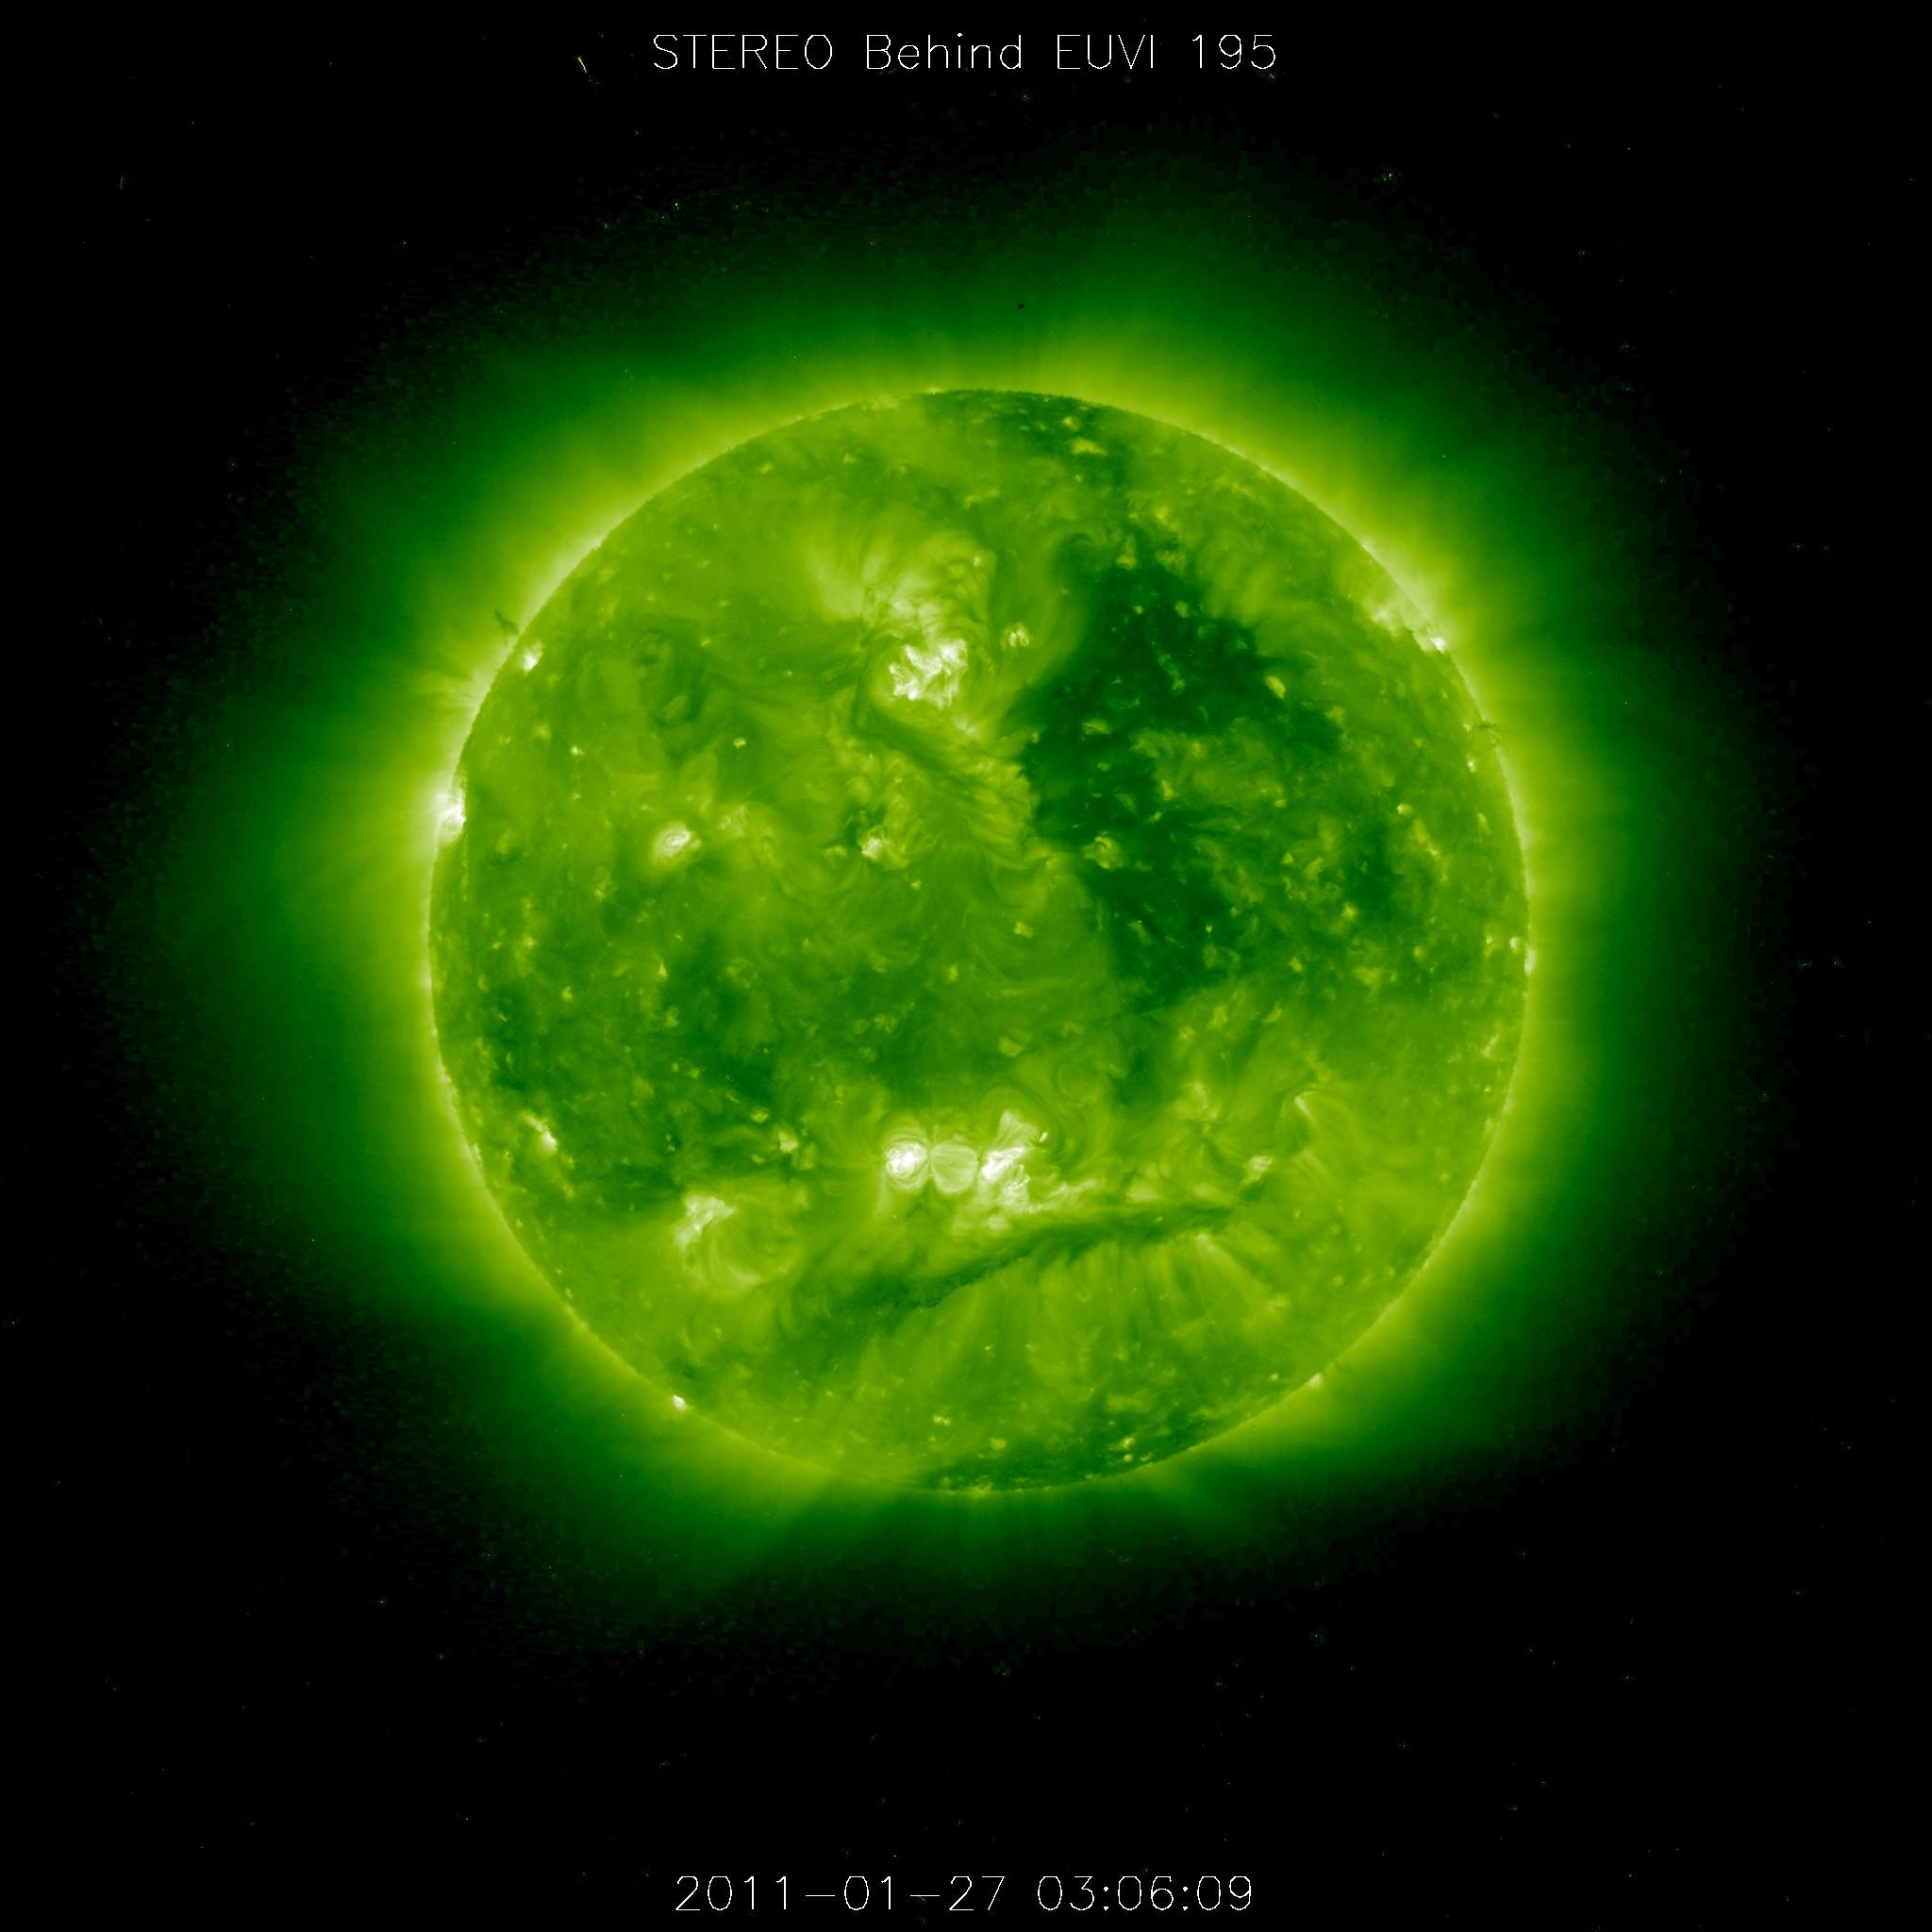 """太陽の周りを回る""""謎の宇宙文明""""?:NASAその証拠をまた消去!?_e0171614_22174110.jpg"""